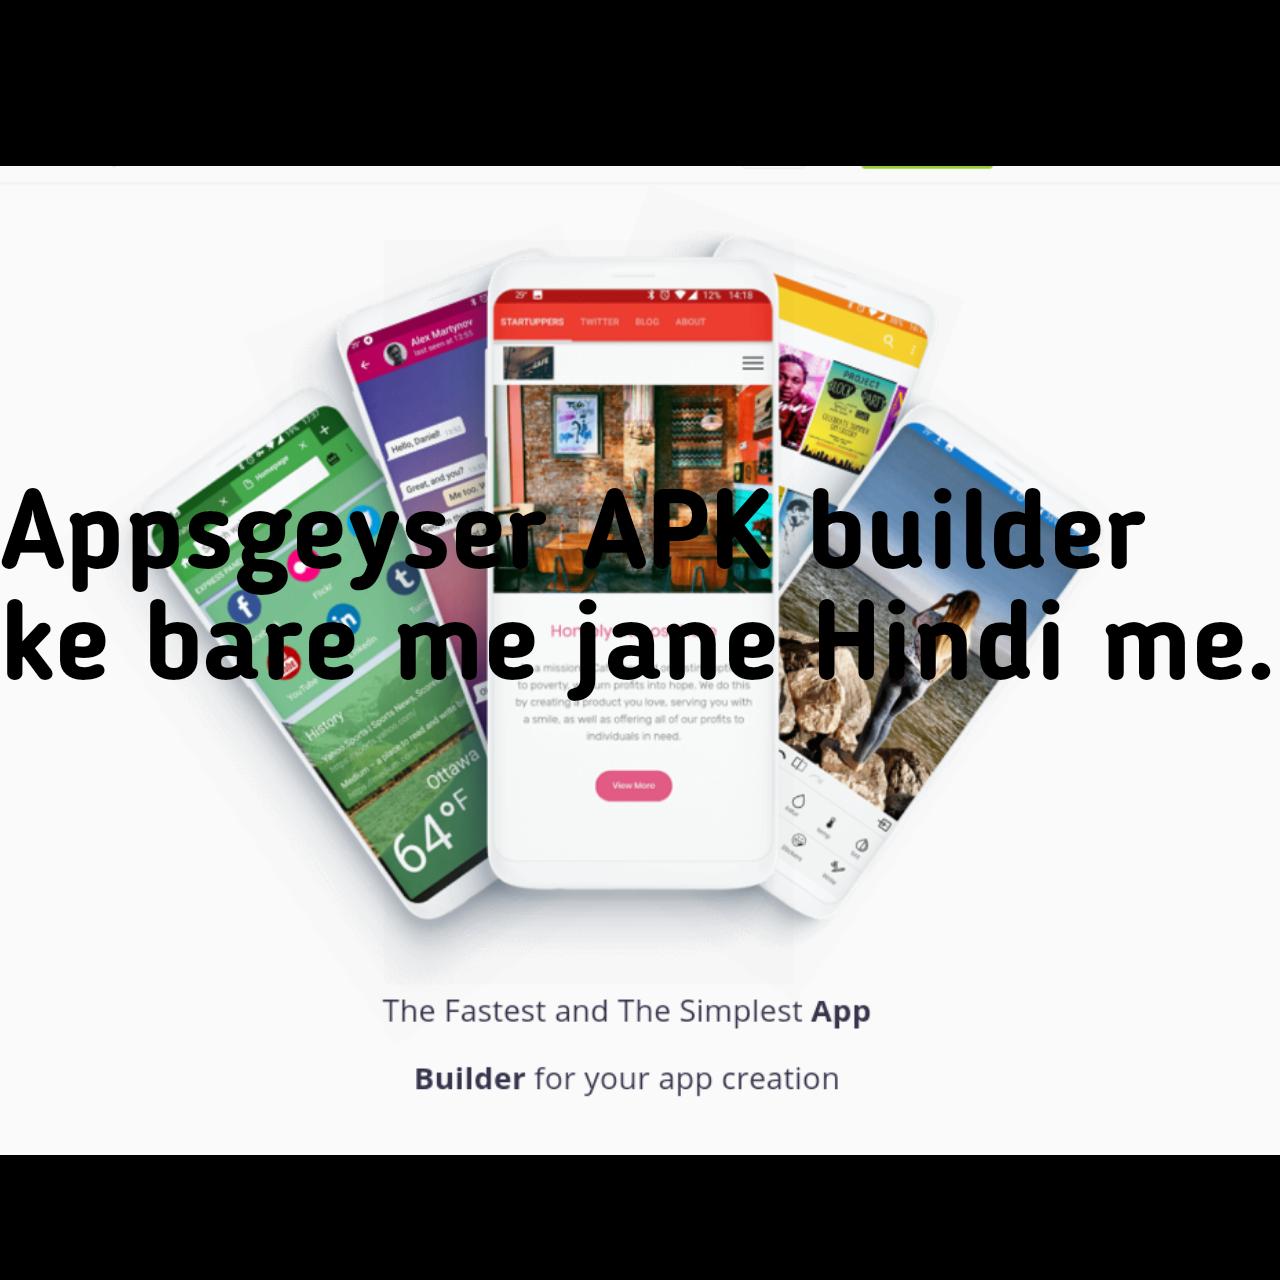 Appsgeyser ke bare me full details Jane Hindi me